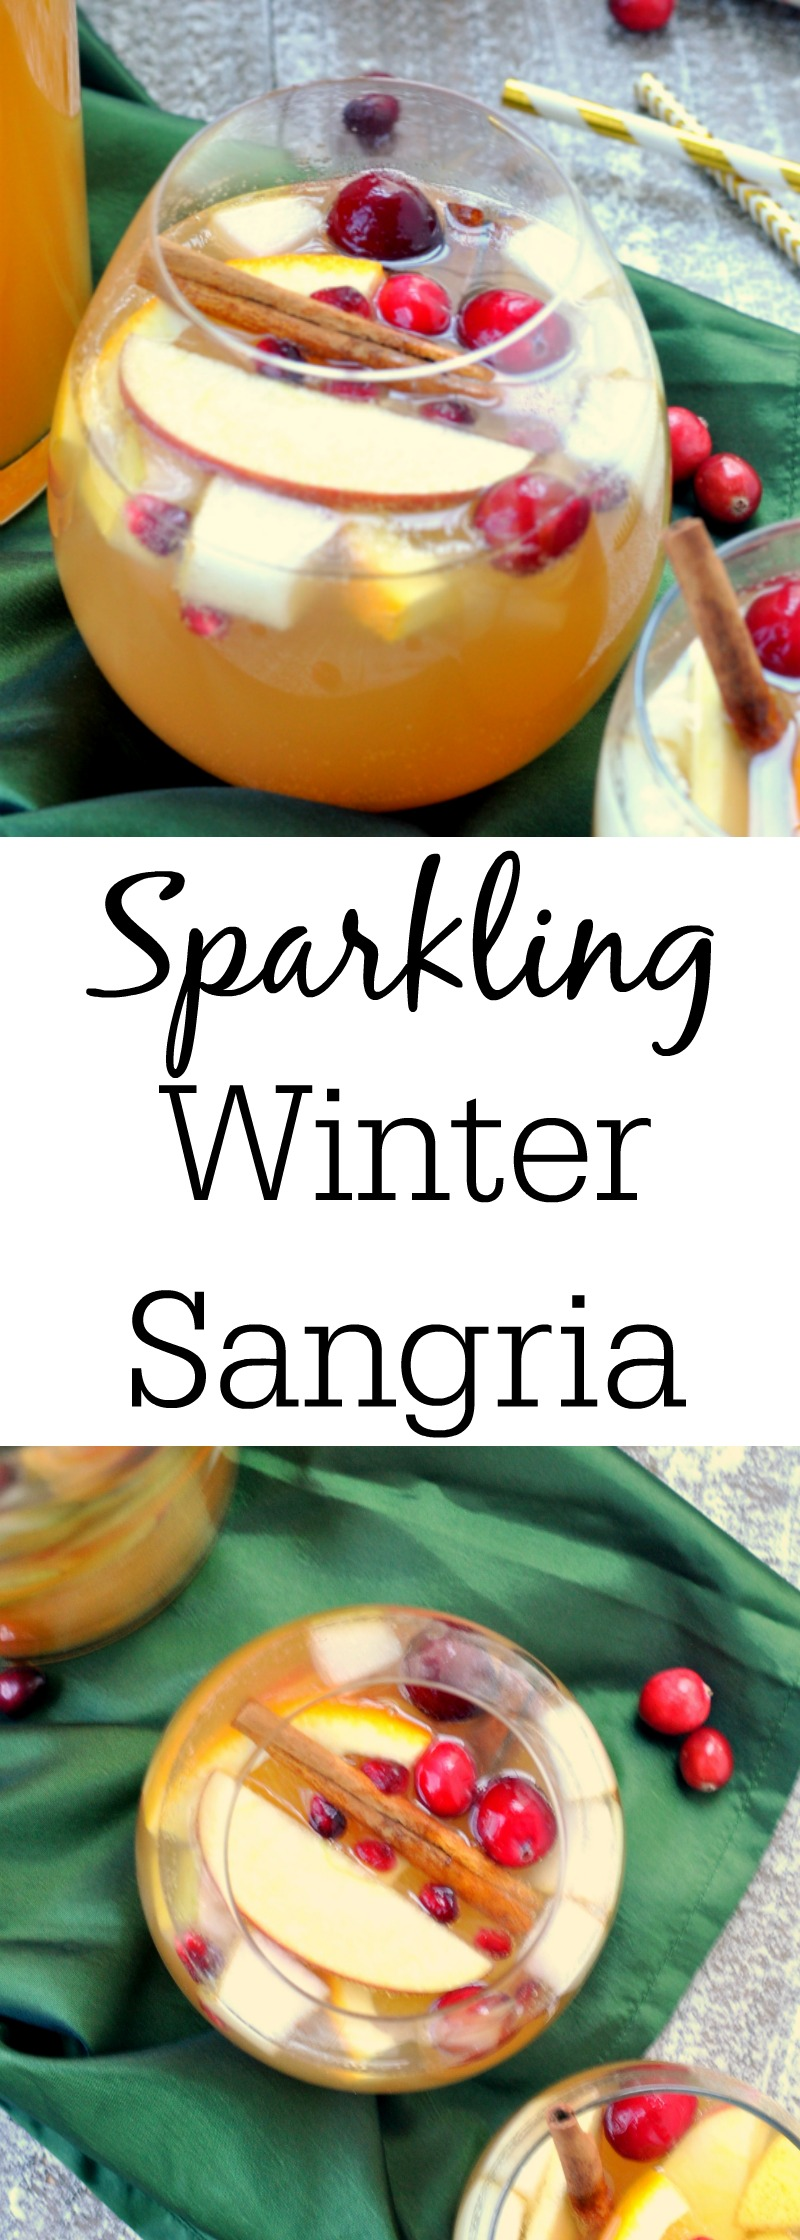 Sparkling Winter Sangria